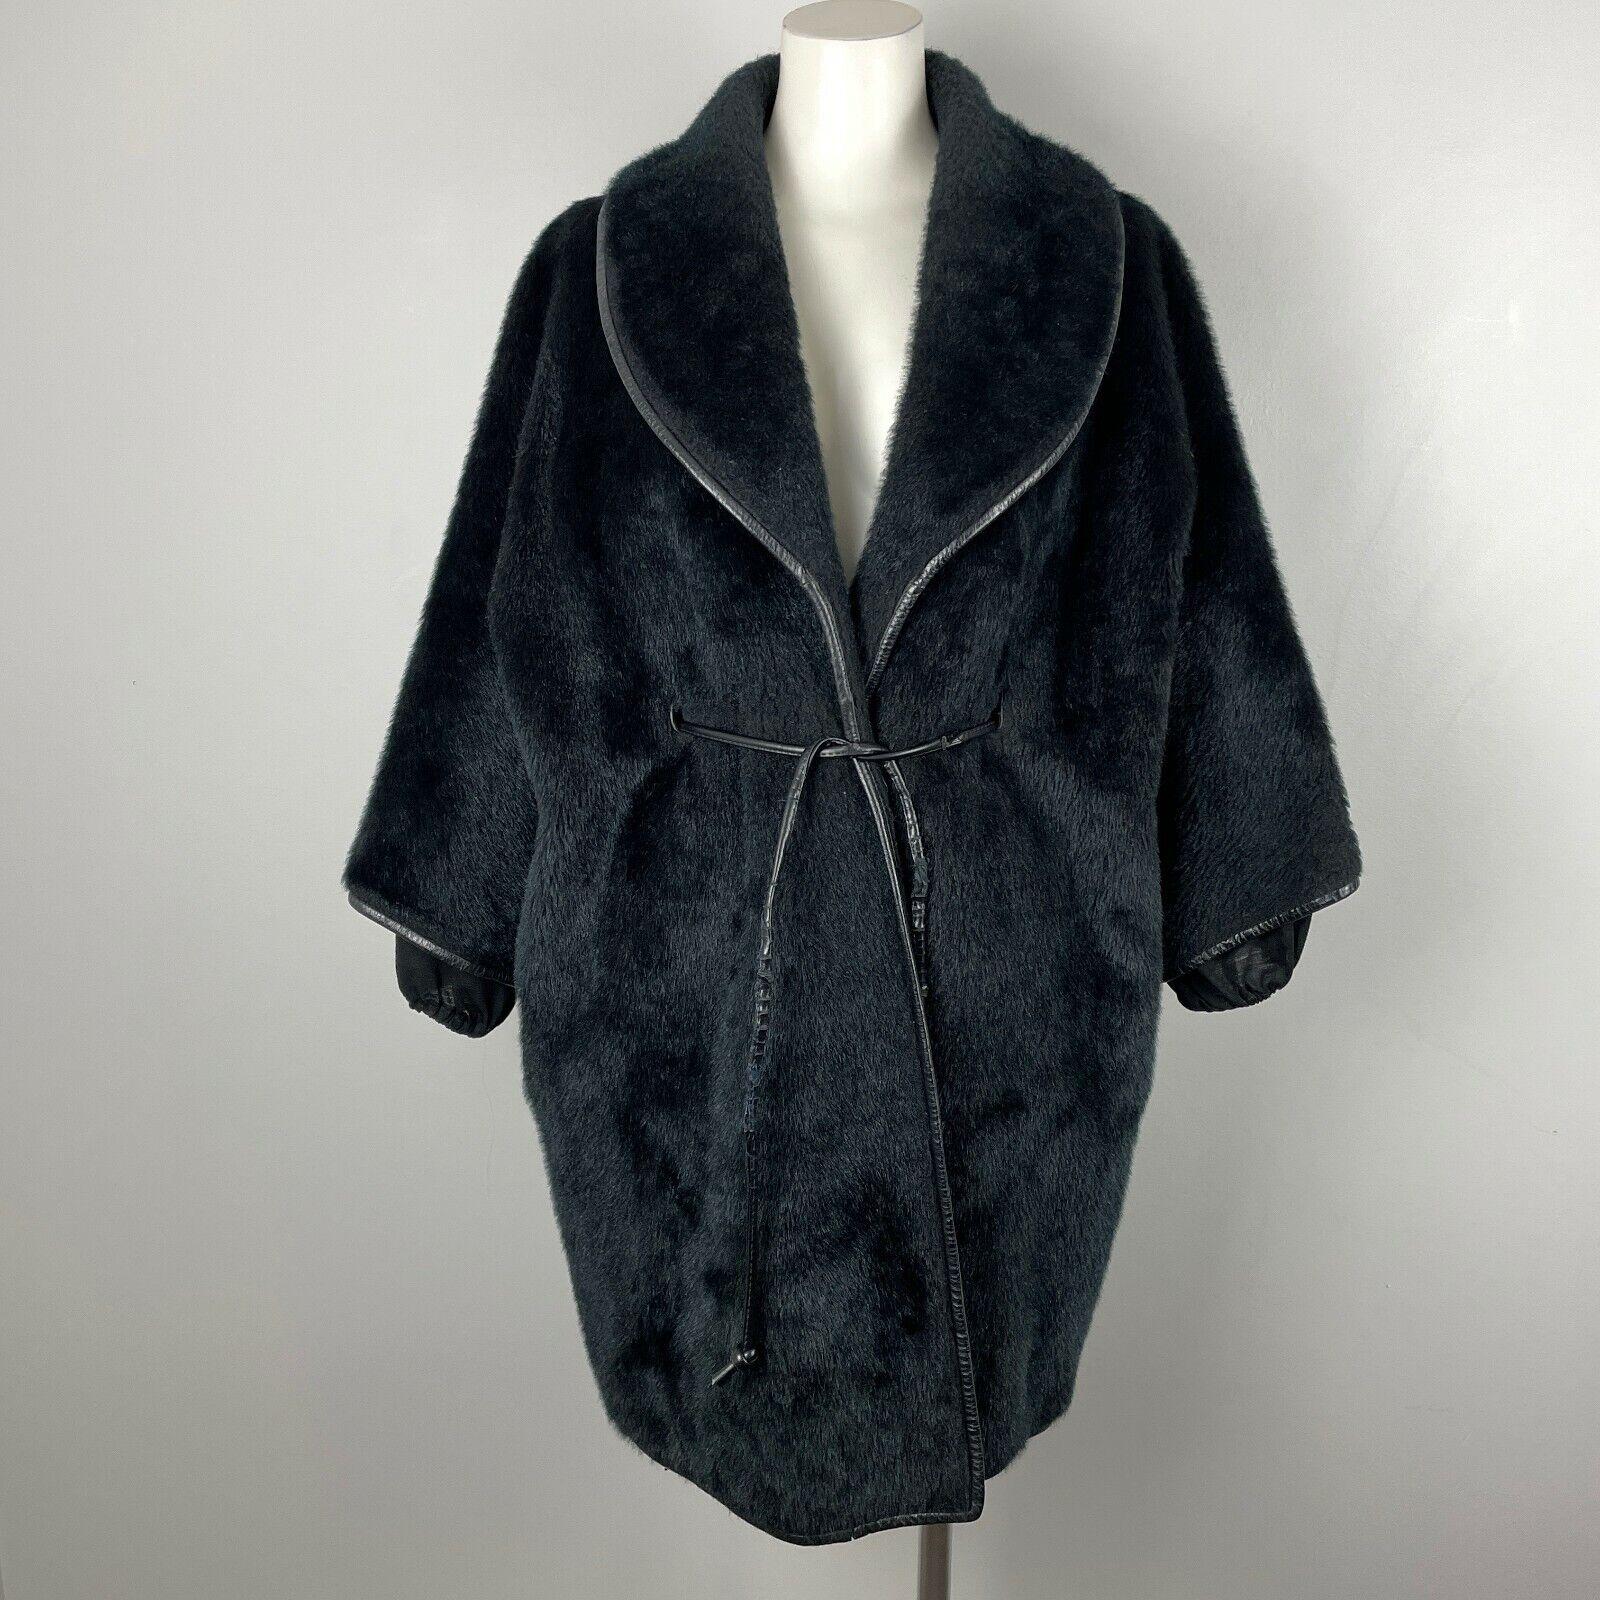 Vintage 60s Bonnie Cashin Black Mohair Coat Belte… - image 1